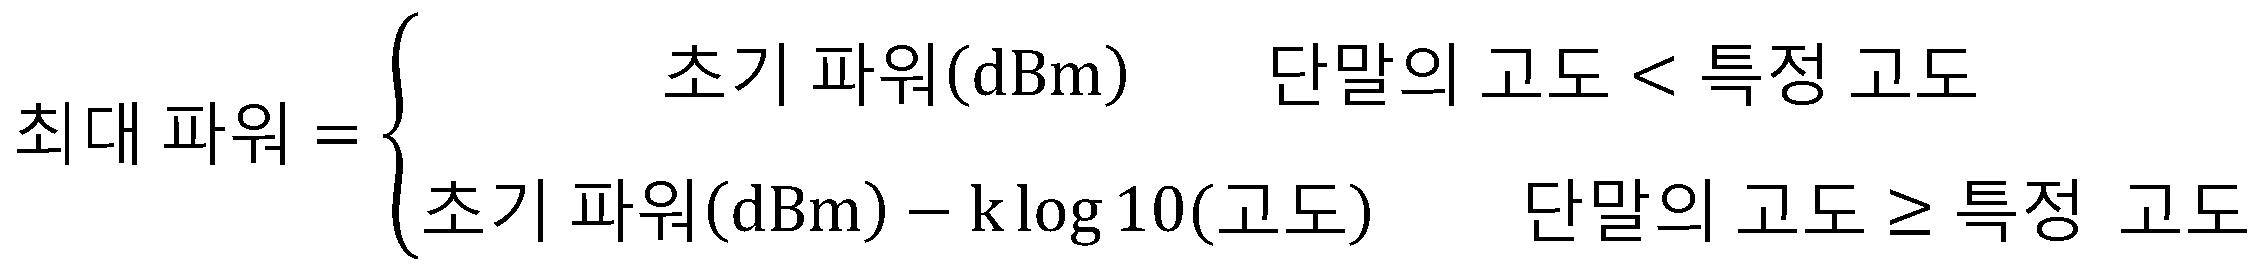 Figure PCTKR2018001032-appb-M000011